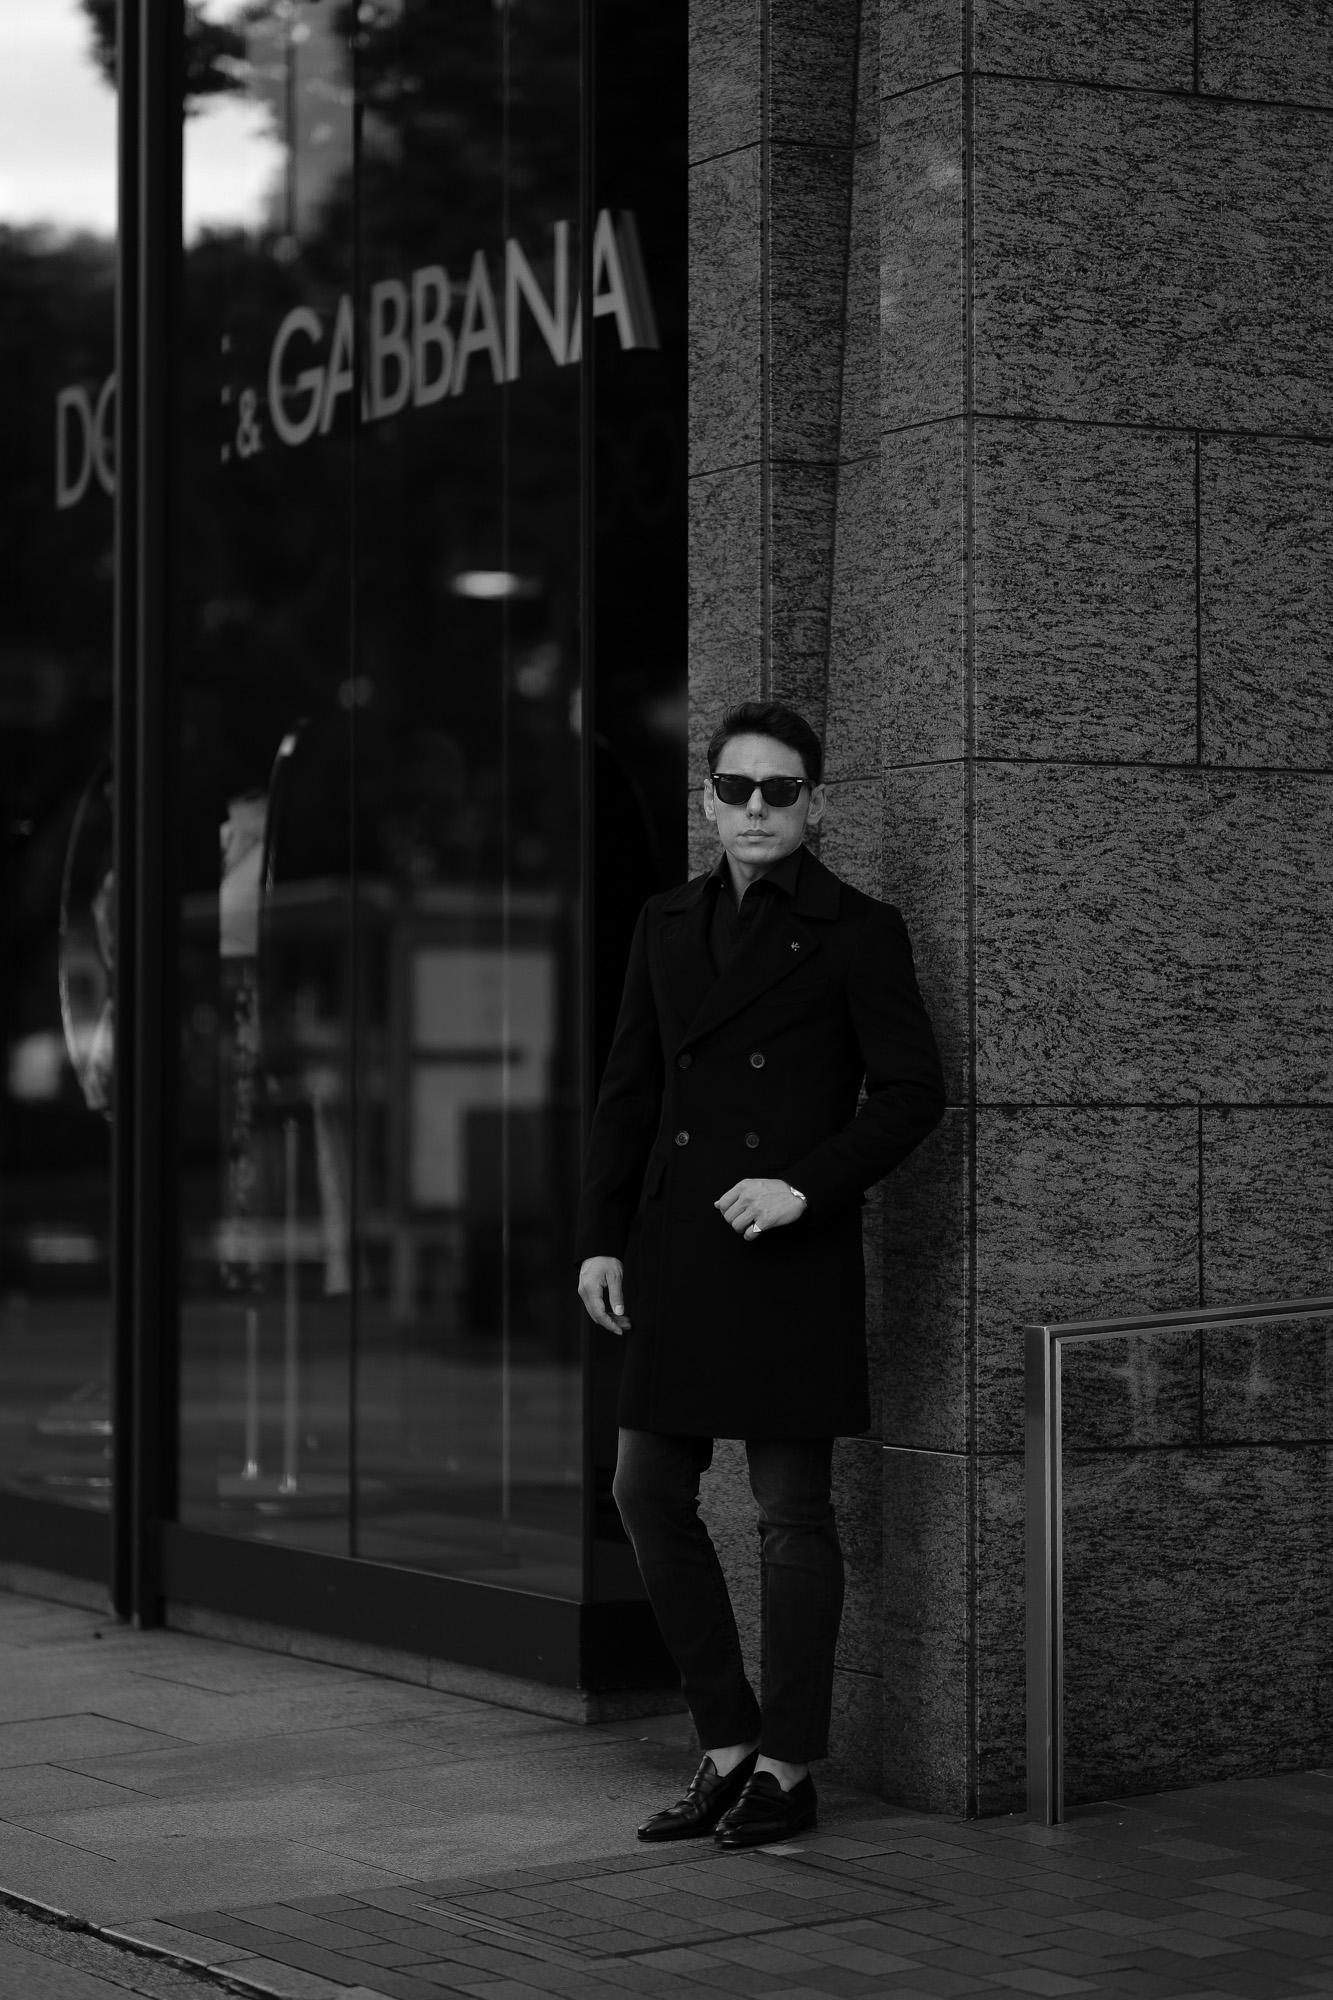 ISAIA (イザイア) MARSHAL (マーシャル) ビキューナ ダブルブレスト コート BLACK (ブラック・990) Made in italy (イタリア製)  2021 秋冬 愛知 名古屋 Alto e Diritto altoediritto アルトエデリット ビキューナコート ビキューナダブルコート